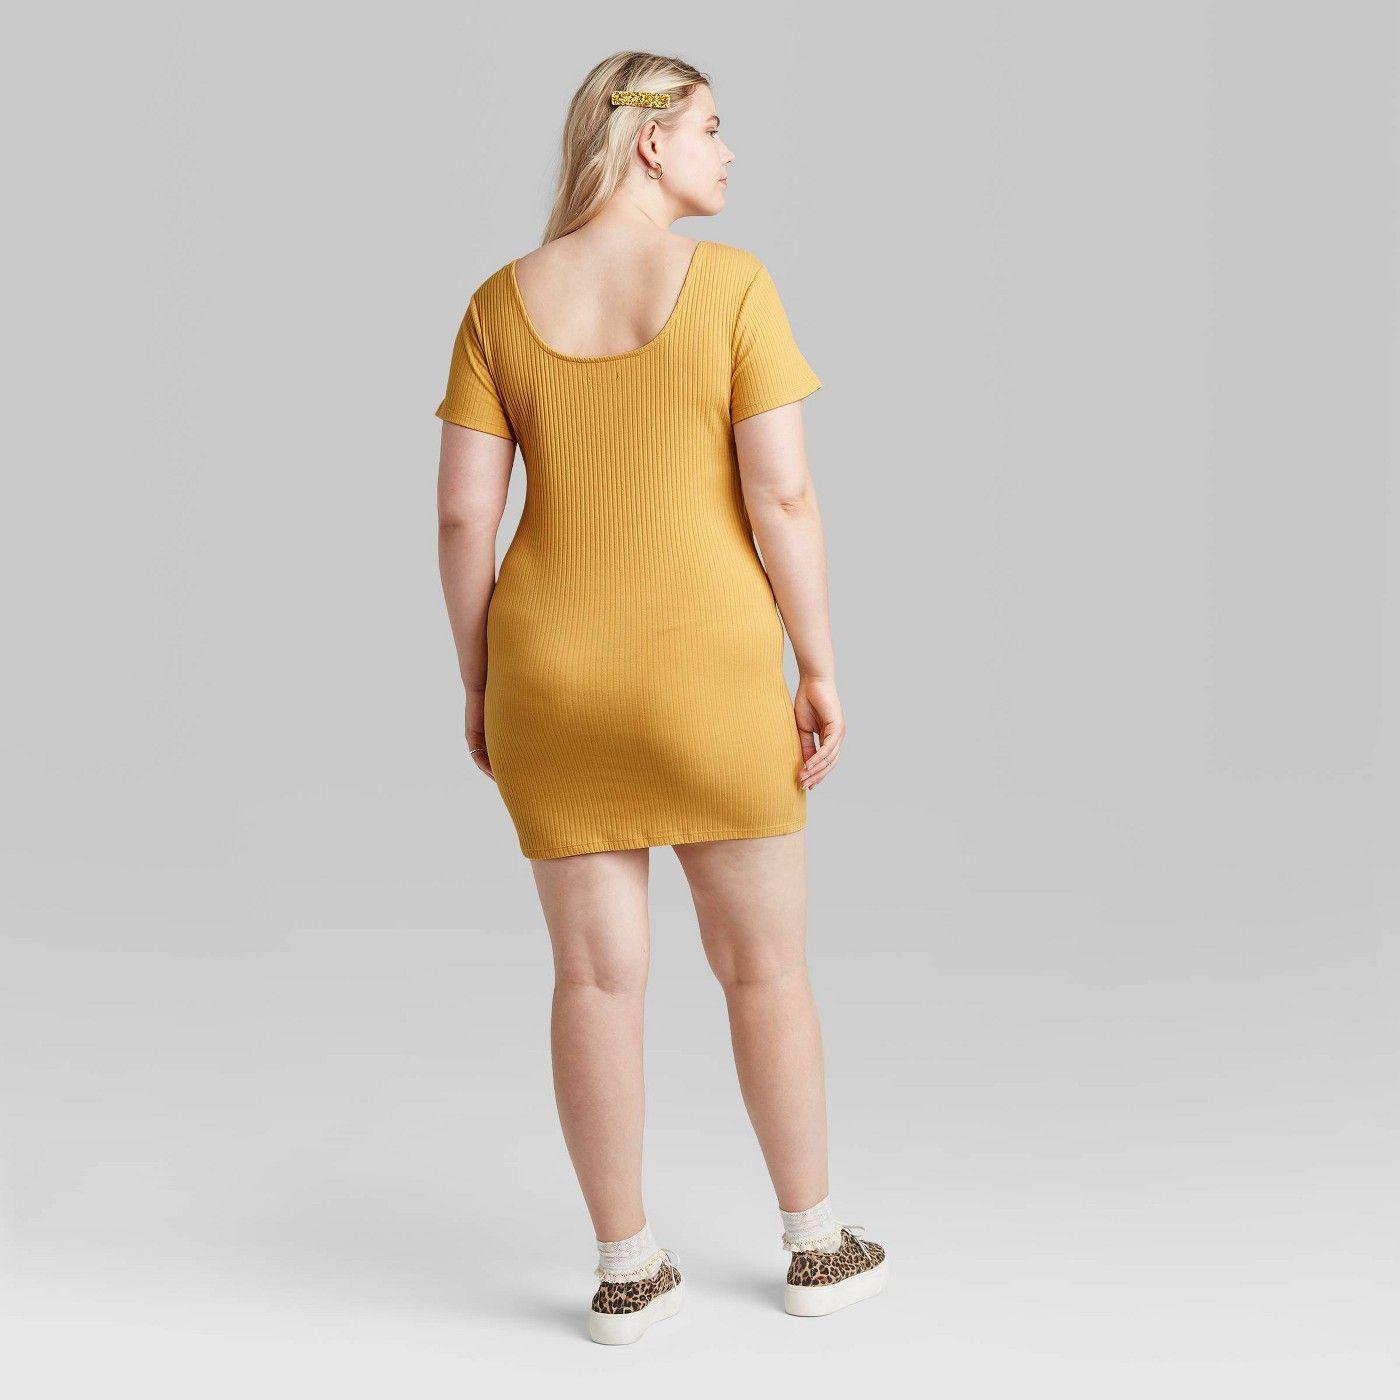 Women S Short Sleeve Knit Dress Wild Fable Knit Mini Dress Knit Dress Women S Plus Size Shorts [ 1400 x 1400 Pixel ]